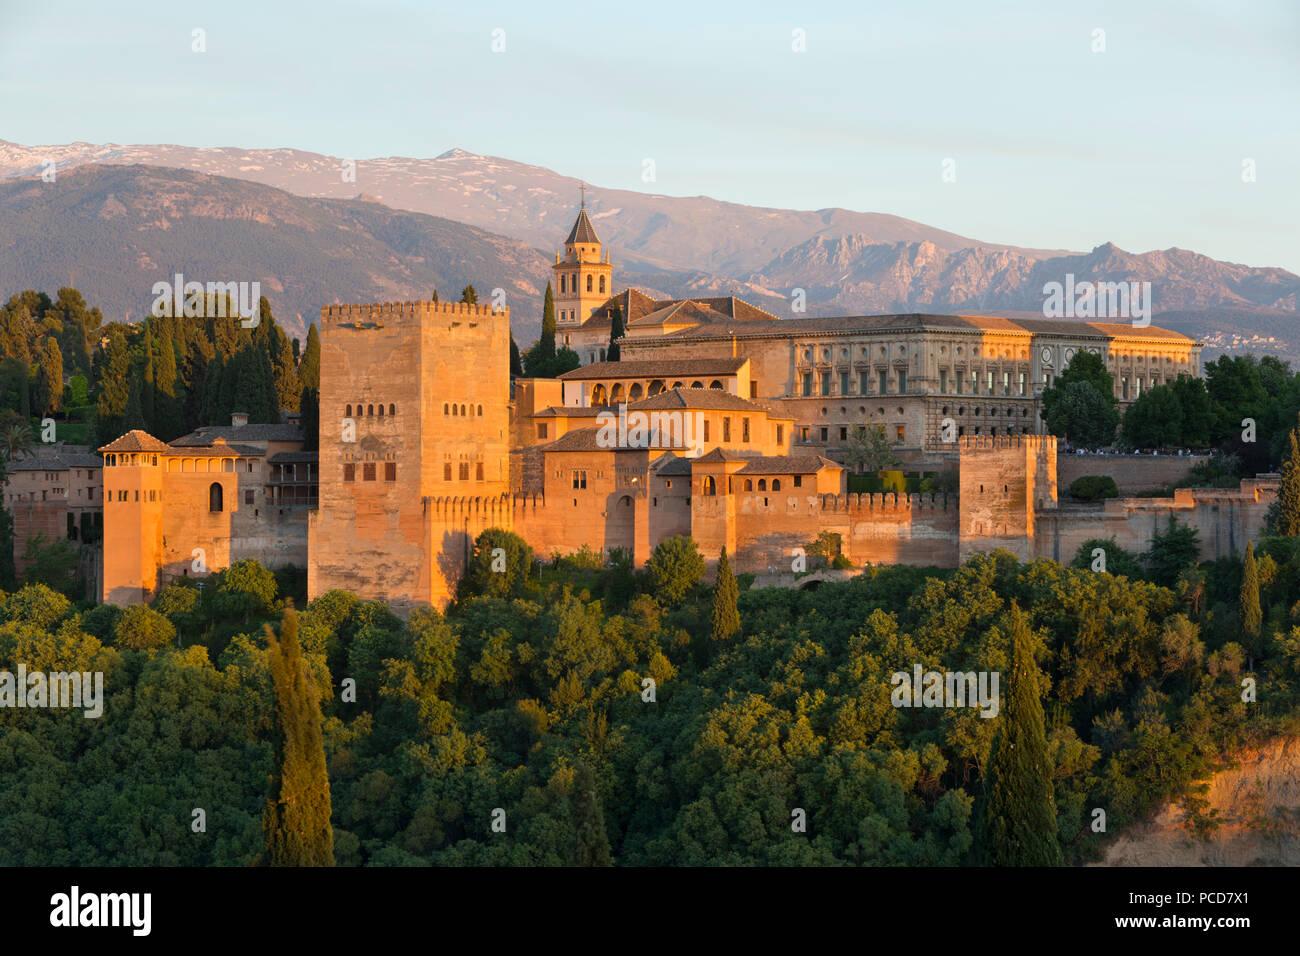 Die Alhambra, UNESCO-Weltkulturerbe, und Sierra Nevada Berge im Abendlicht von Mirador de San Nicolas, Granada, Andalusien, Spanien, Europa Stockfoto